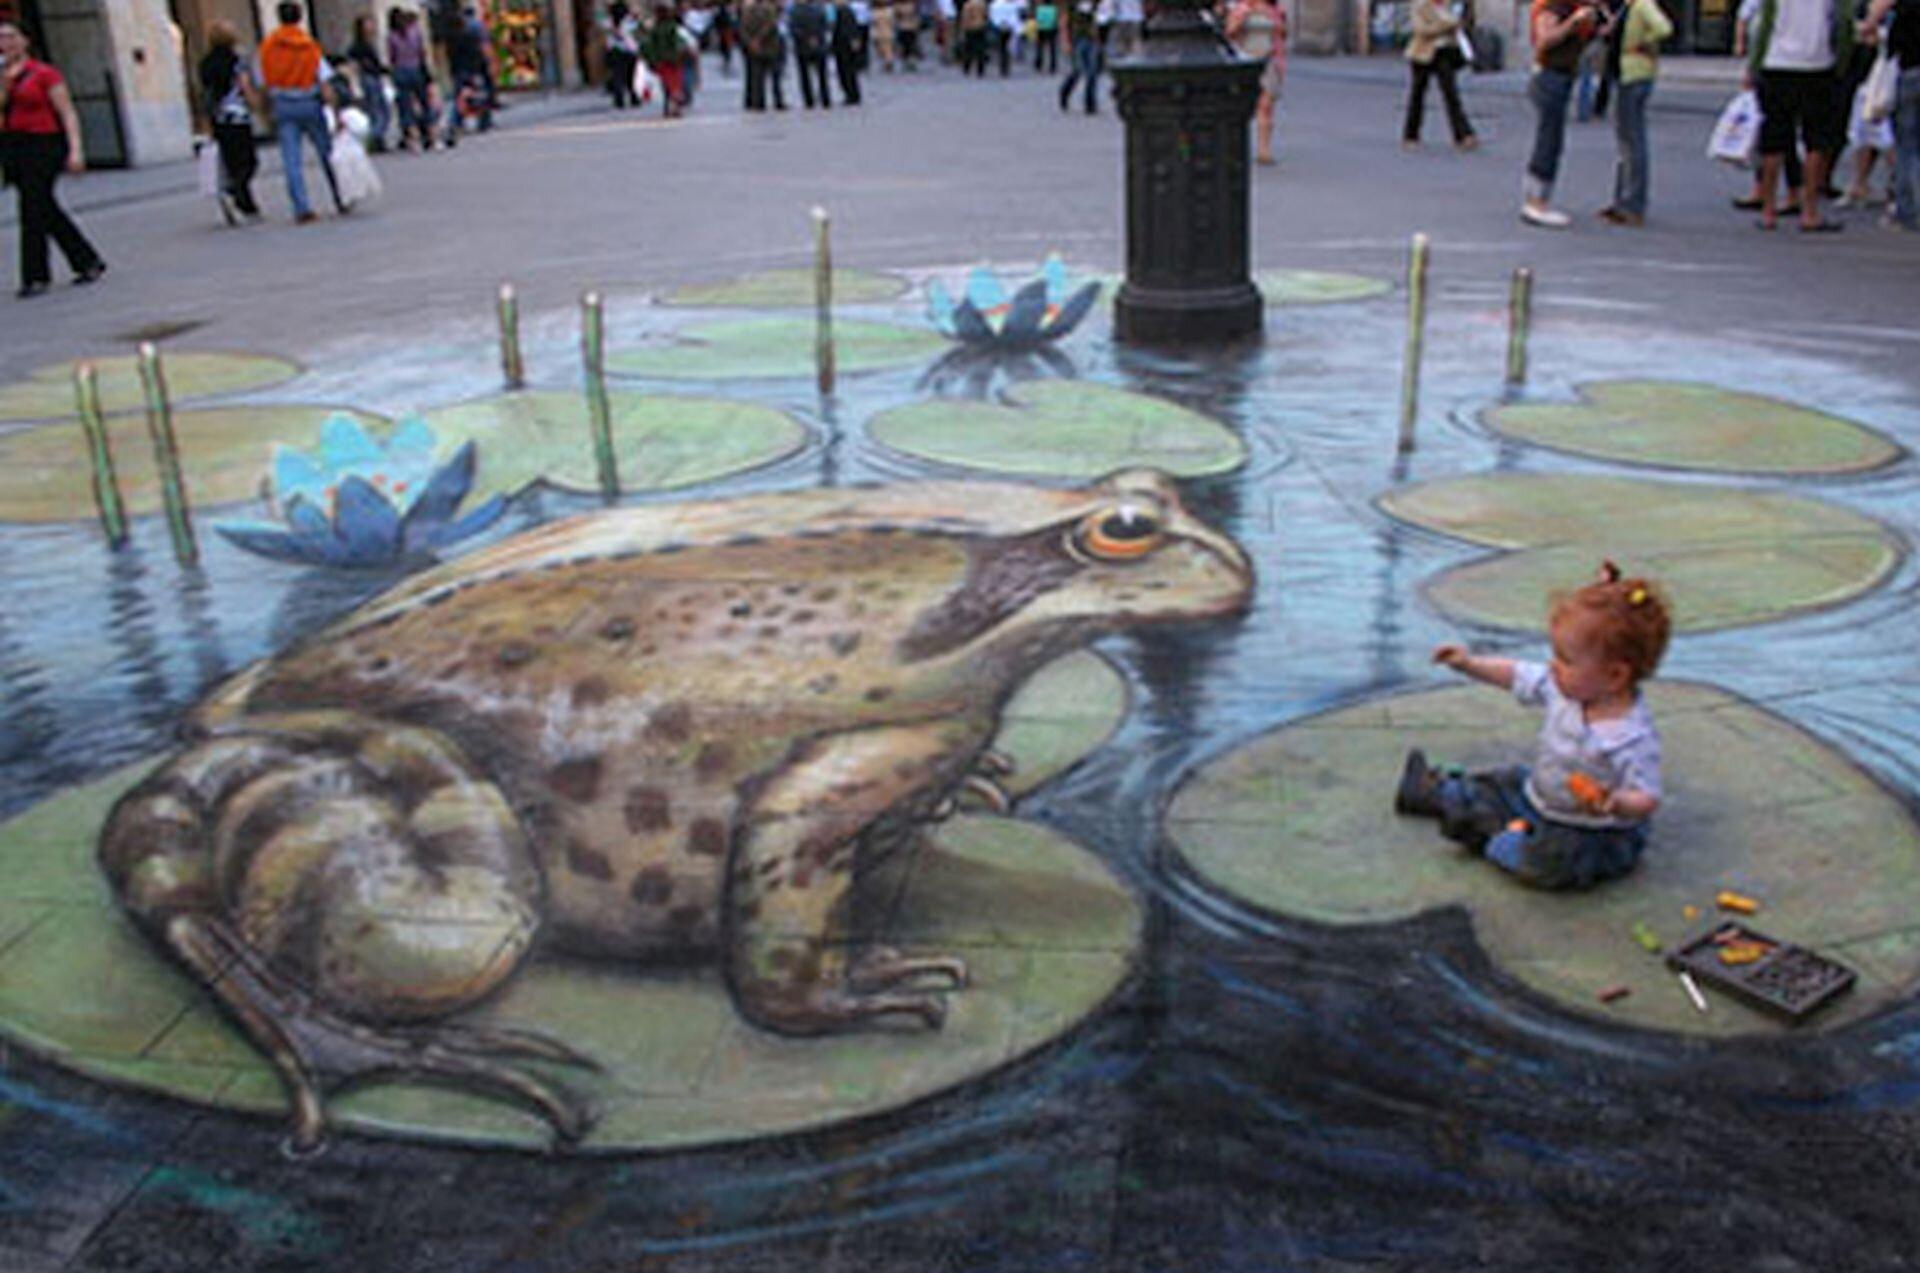 Ilustracja interaktywna przedstawia graffiti 3D Juliana Beevera na chodniku. Zdjęcie przedstawia graffiti żaby na liściach lilii wodnej. Cała grafika sprawia złudzenie trójwymiarowości. Na jednym zliści siedzi mała dziewczynka. Wtle placu chodzą ludzie.